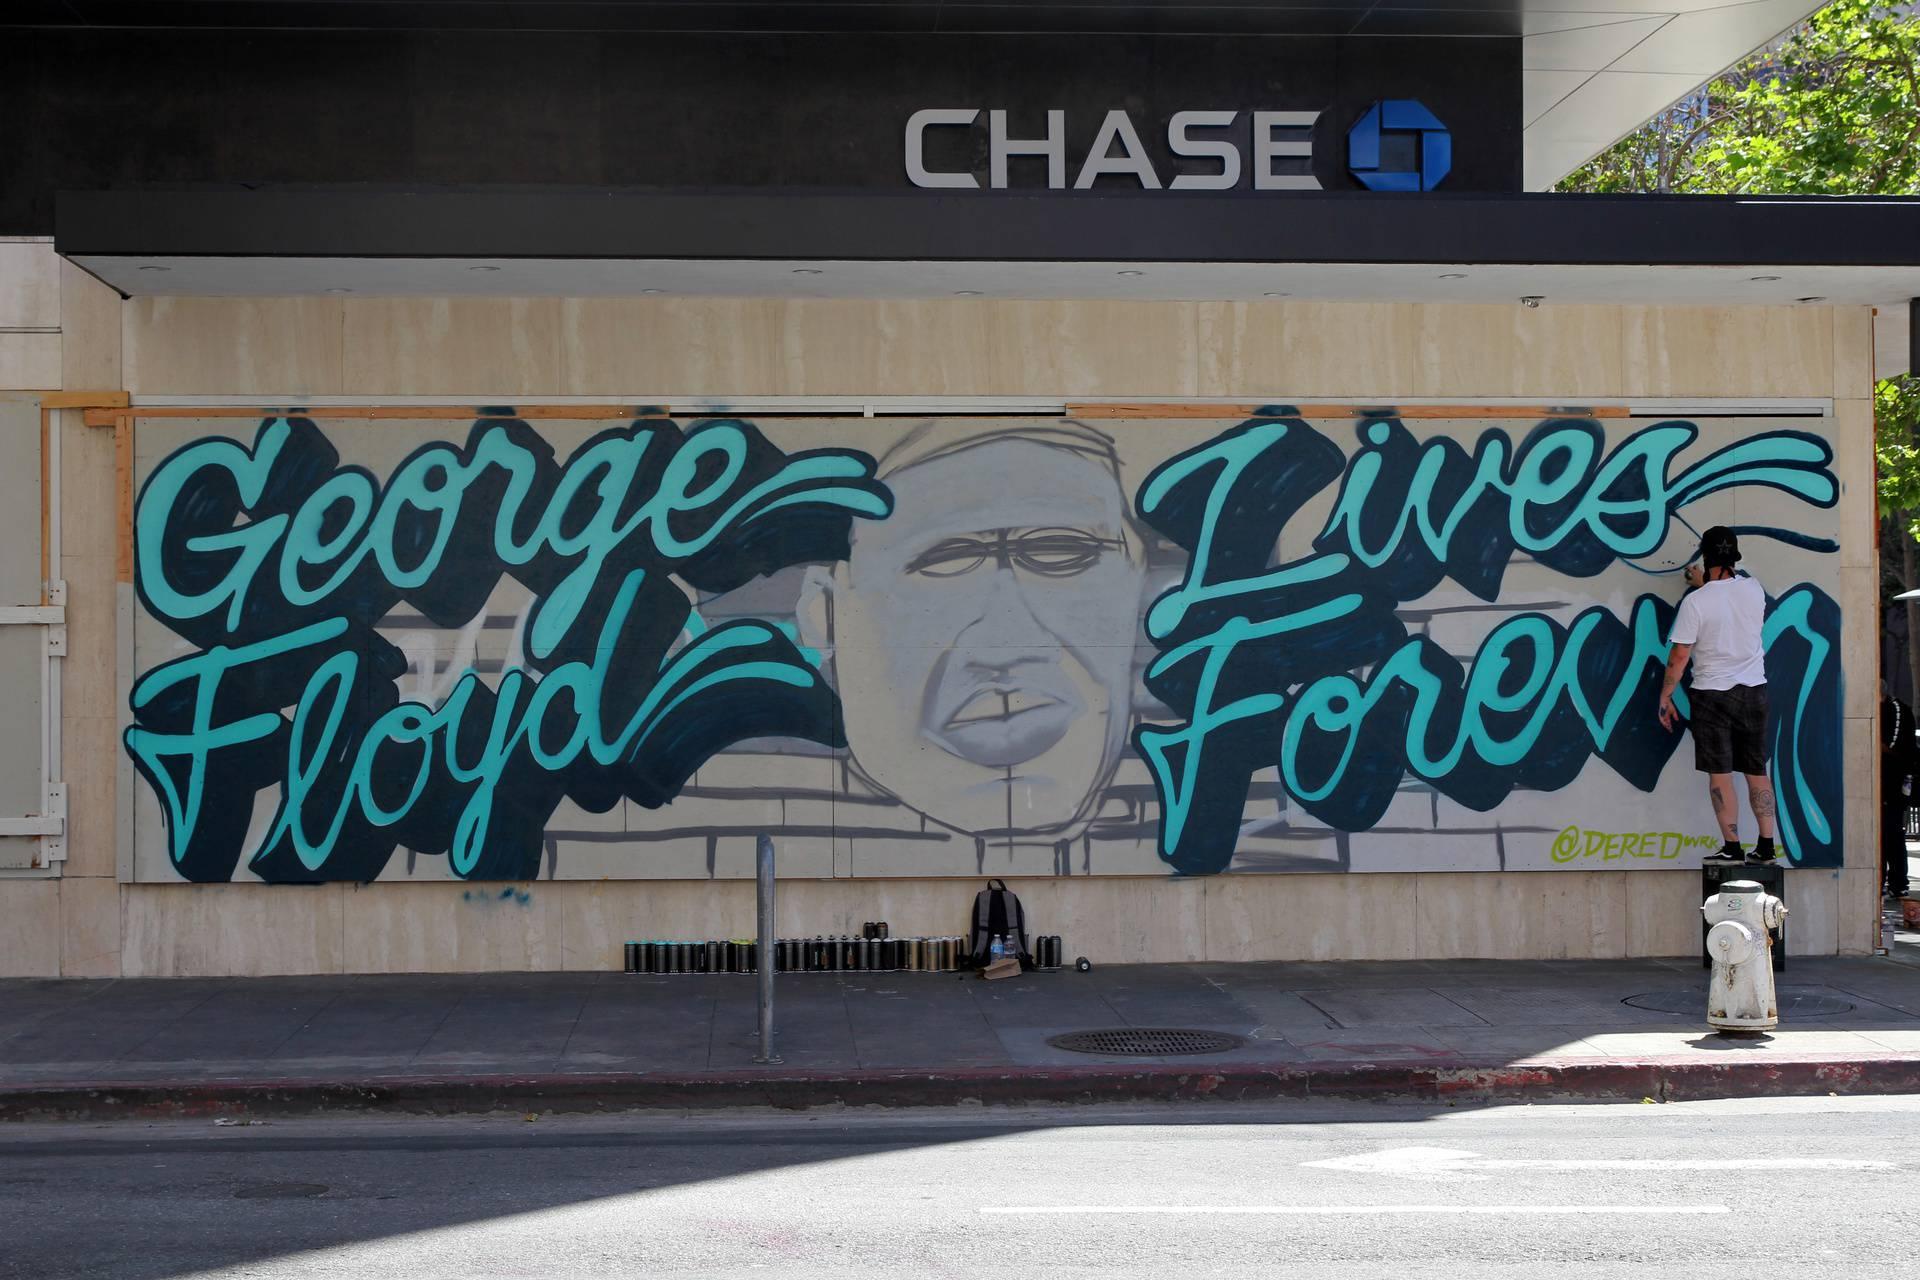 Murali u čast Georgu Floydu od SAD-a do Europe: Dosta je diskriminacije, živjet će zauvijek